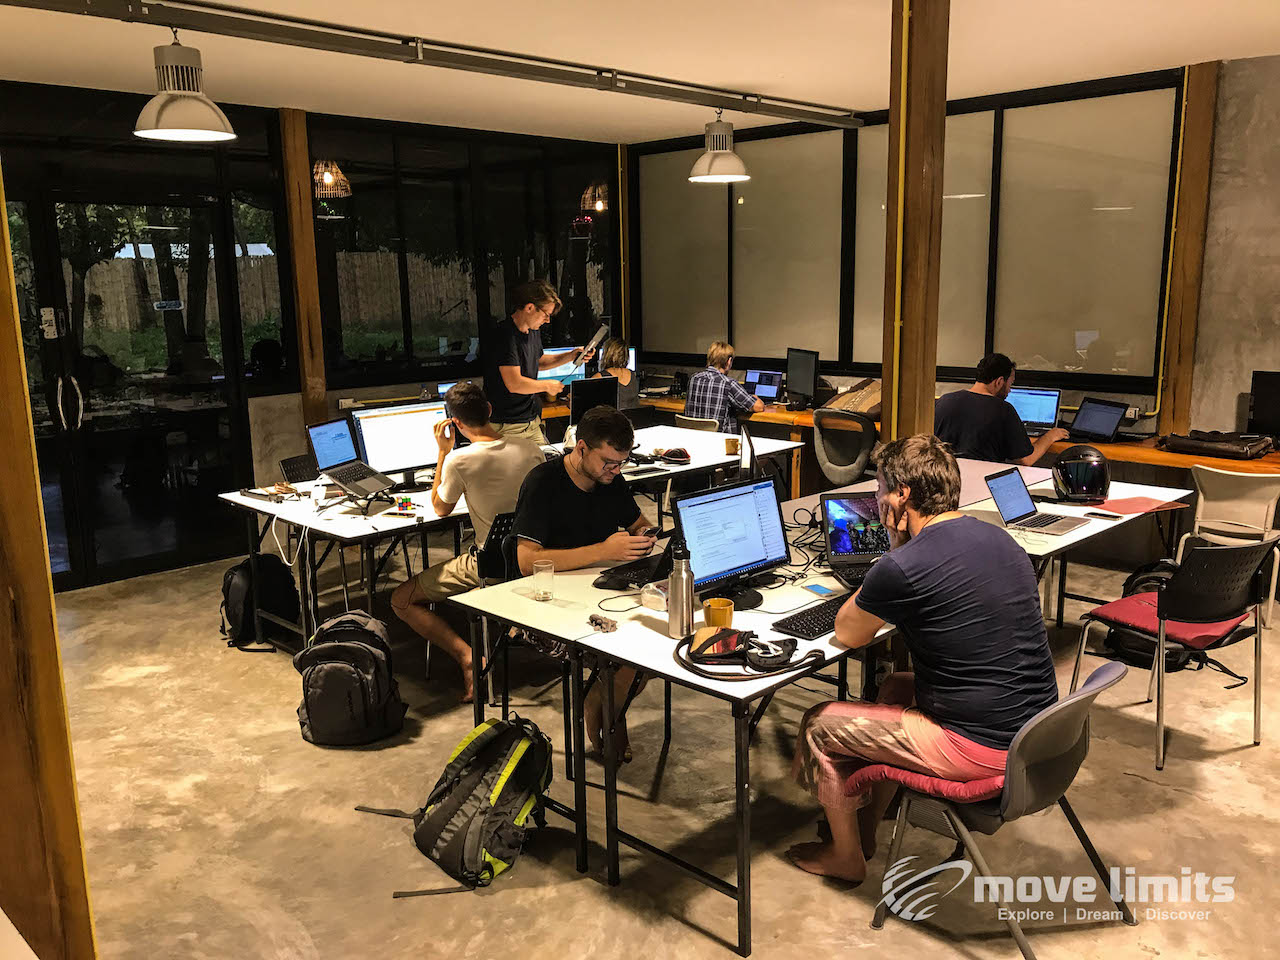 AC-room- Remote arbeiten - Auf Koh Lanta bei den Digitalen Nomaden - movelimits.de